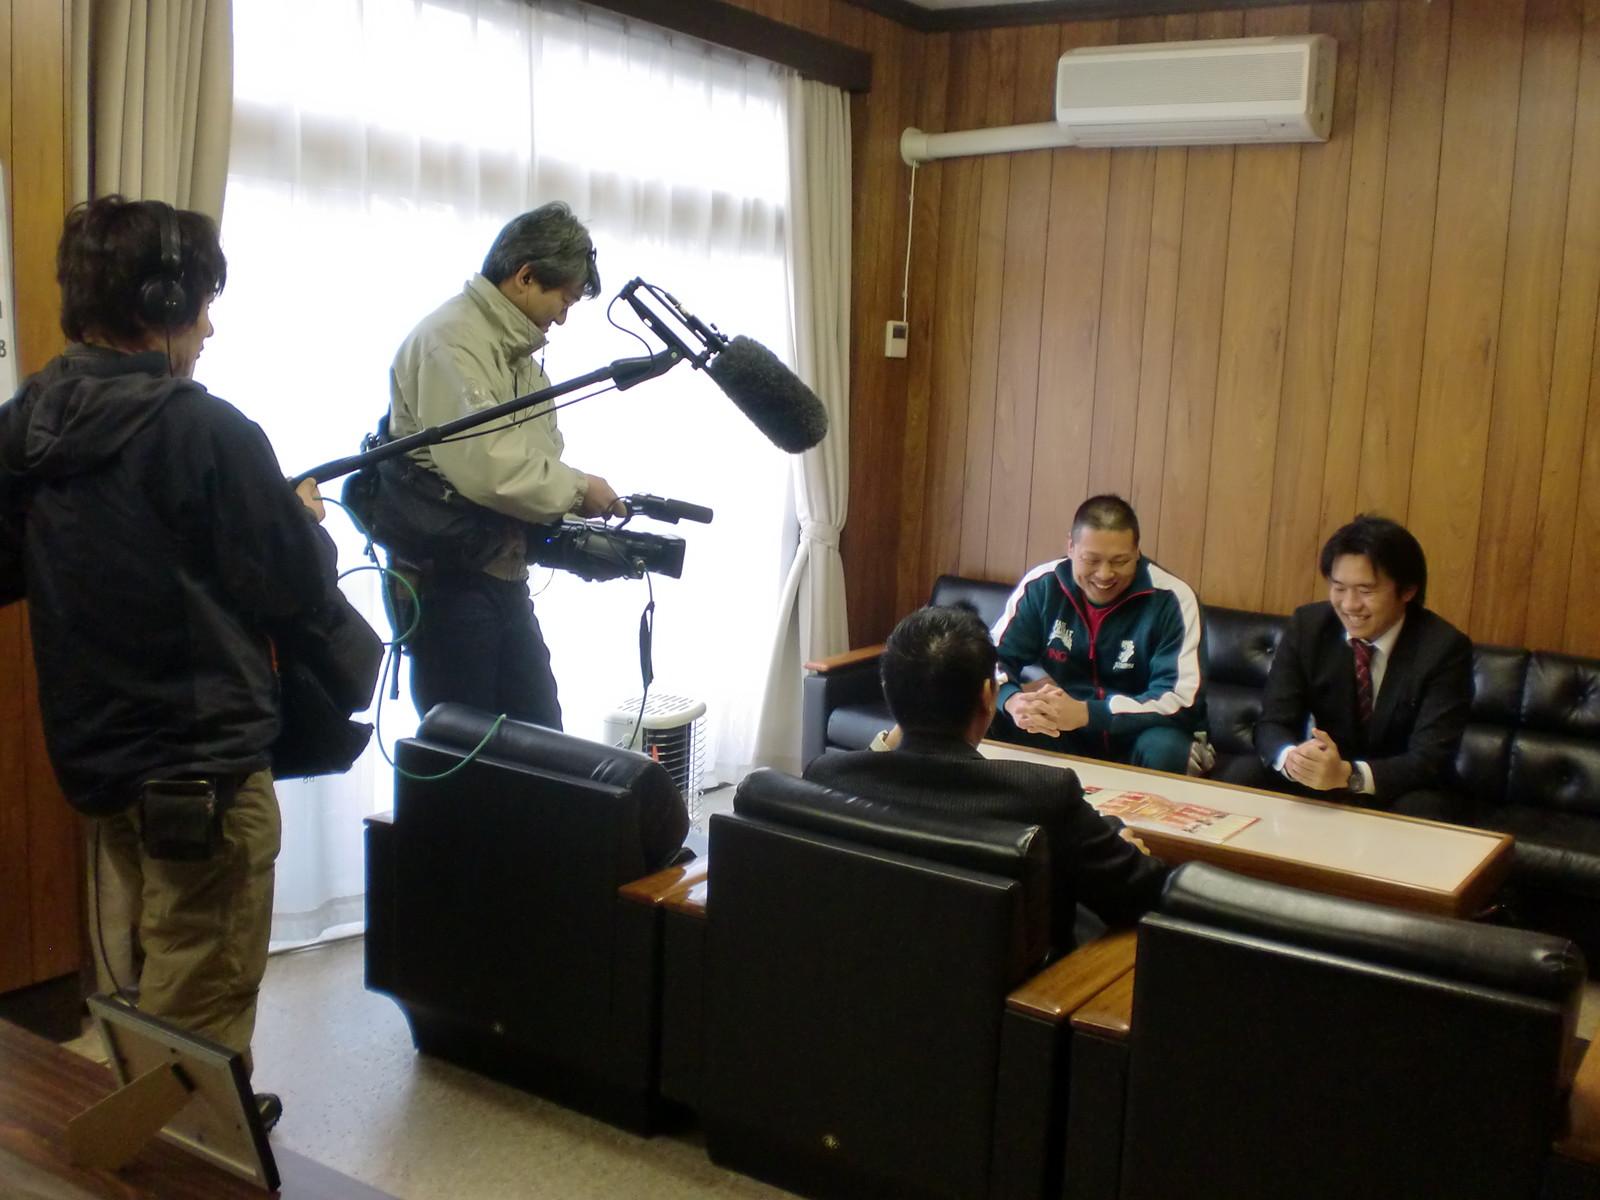 筑前りょう太選手のTV収録を我が社で行いました。